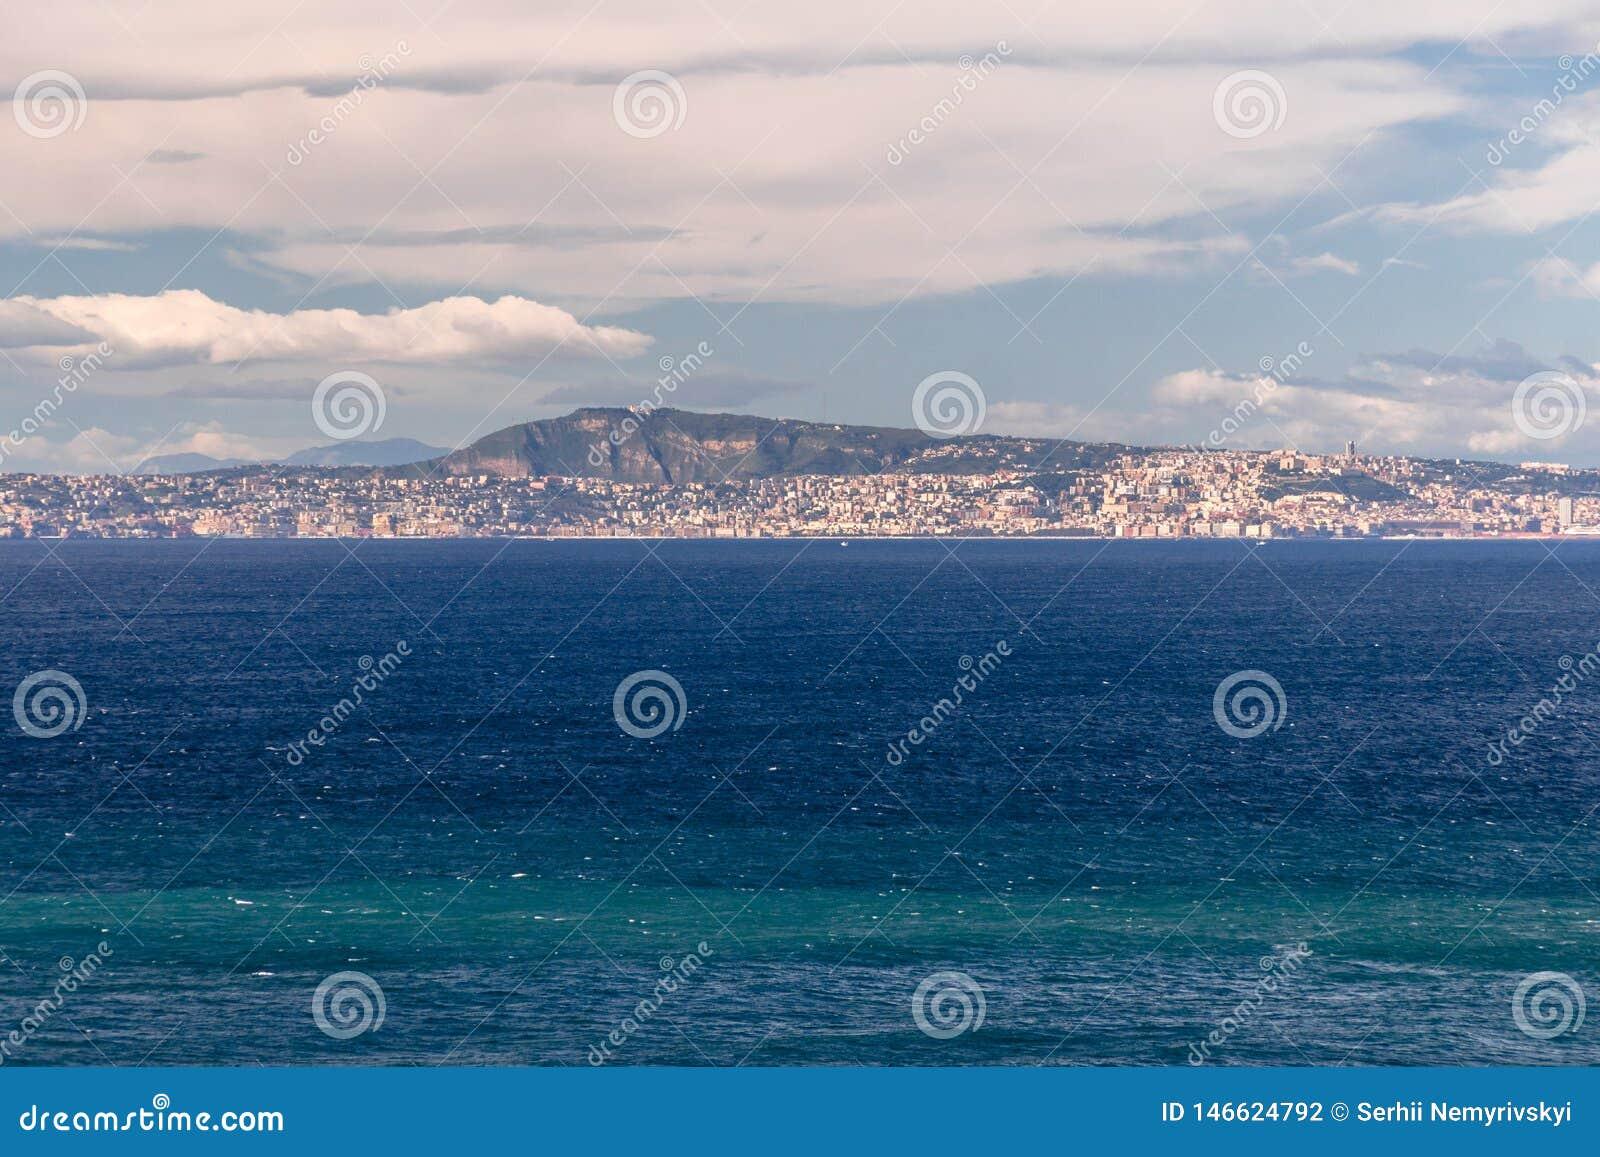 Άποψη Σορέντο, Ιταλία του κόλπου της Νάπολης